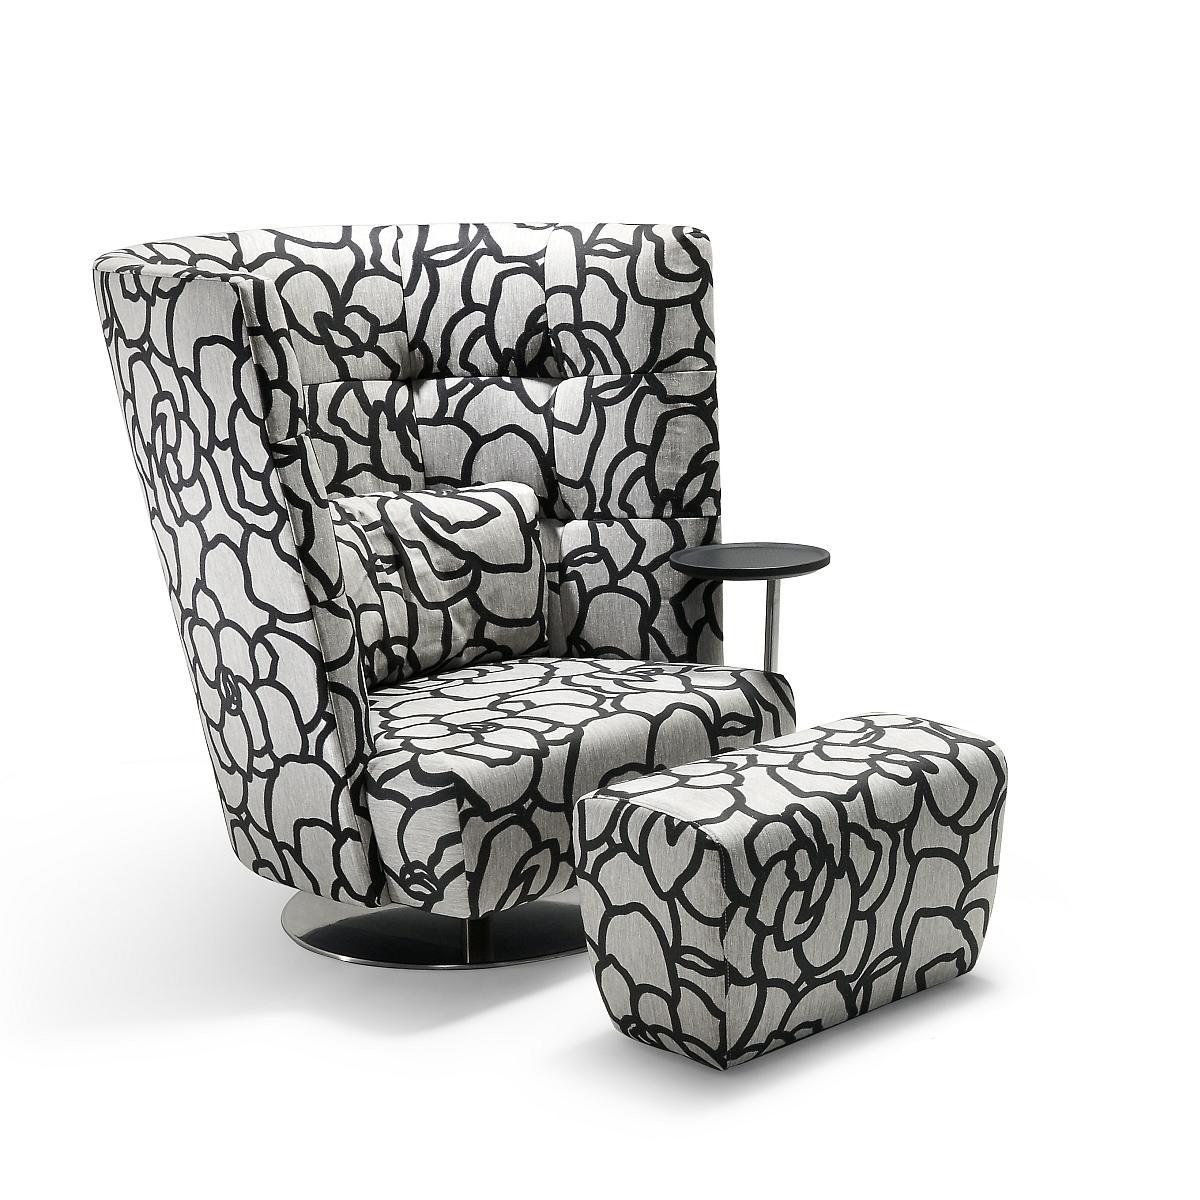 MATHEO Sessel hoch mit Hocker in HIPO schwarz